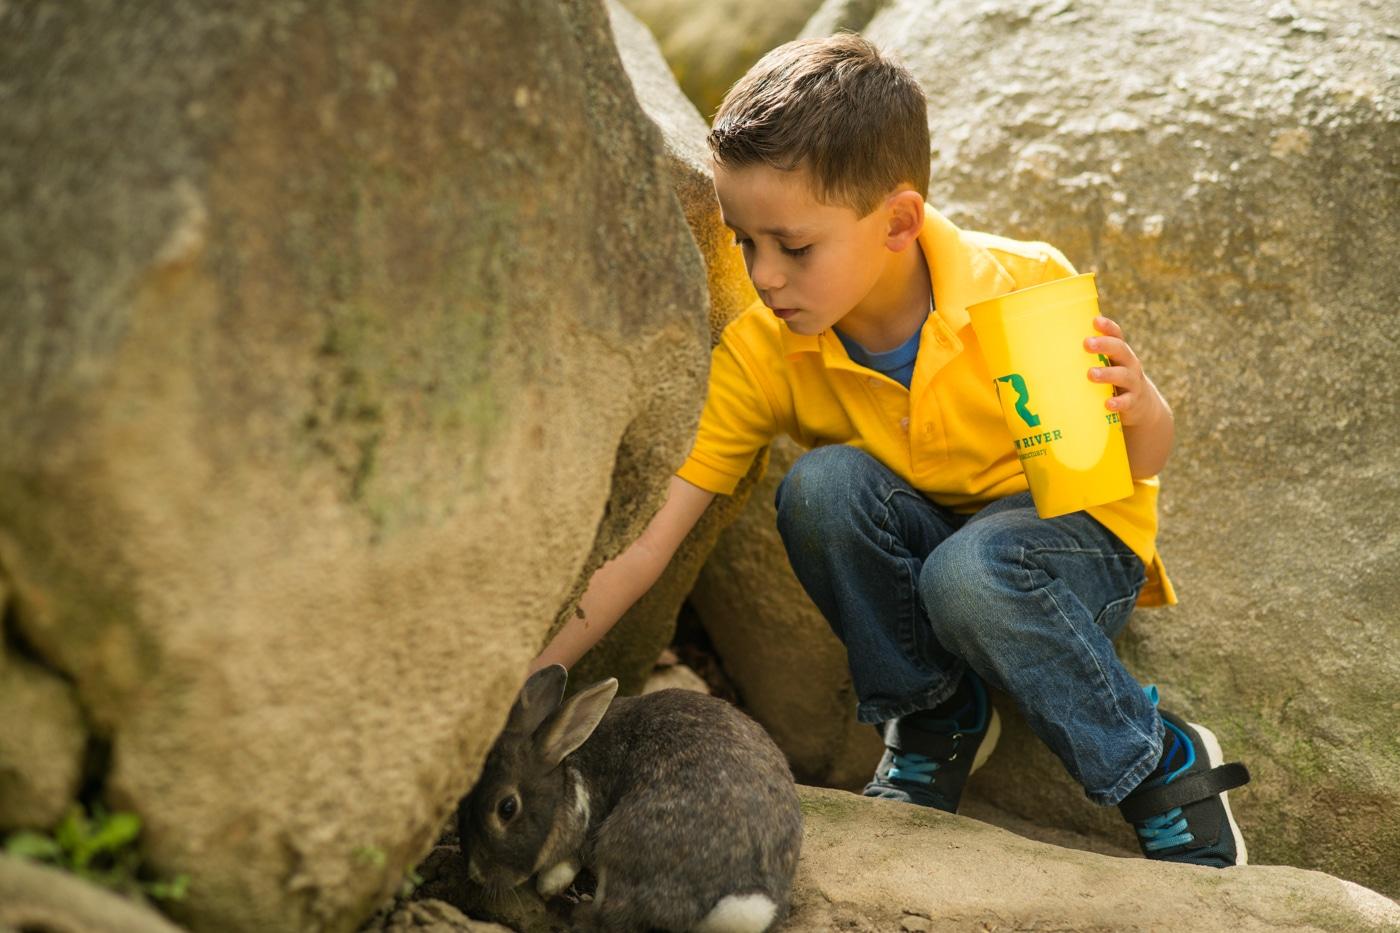 young boy feeds rabbit during family photos in Atlanta